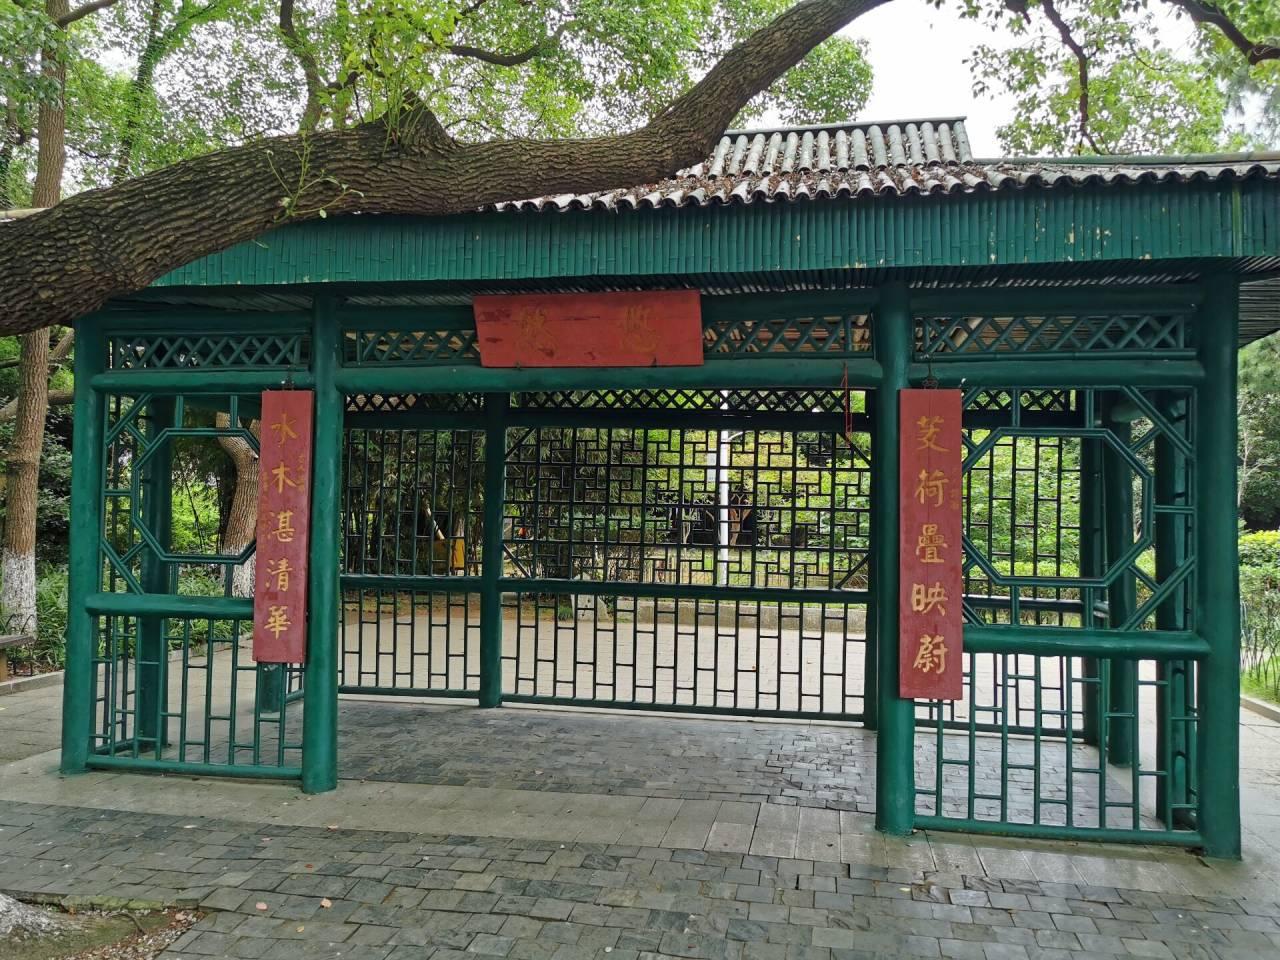 南昌之东湖09.jpg